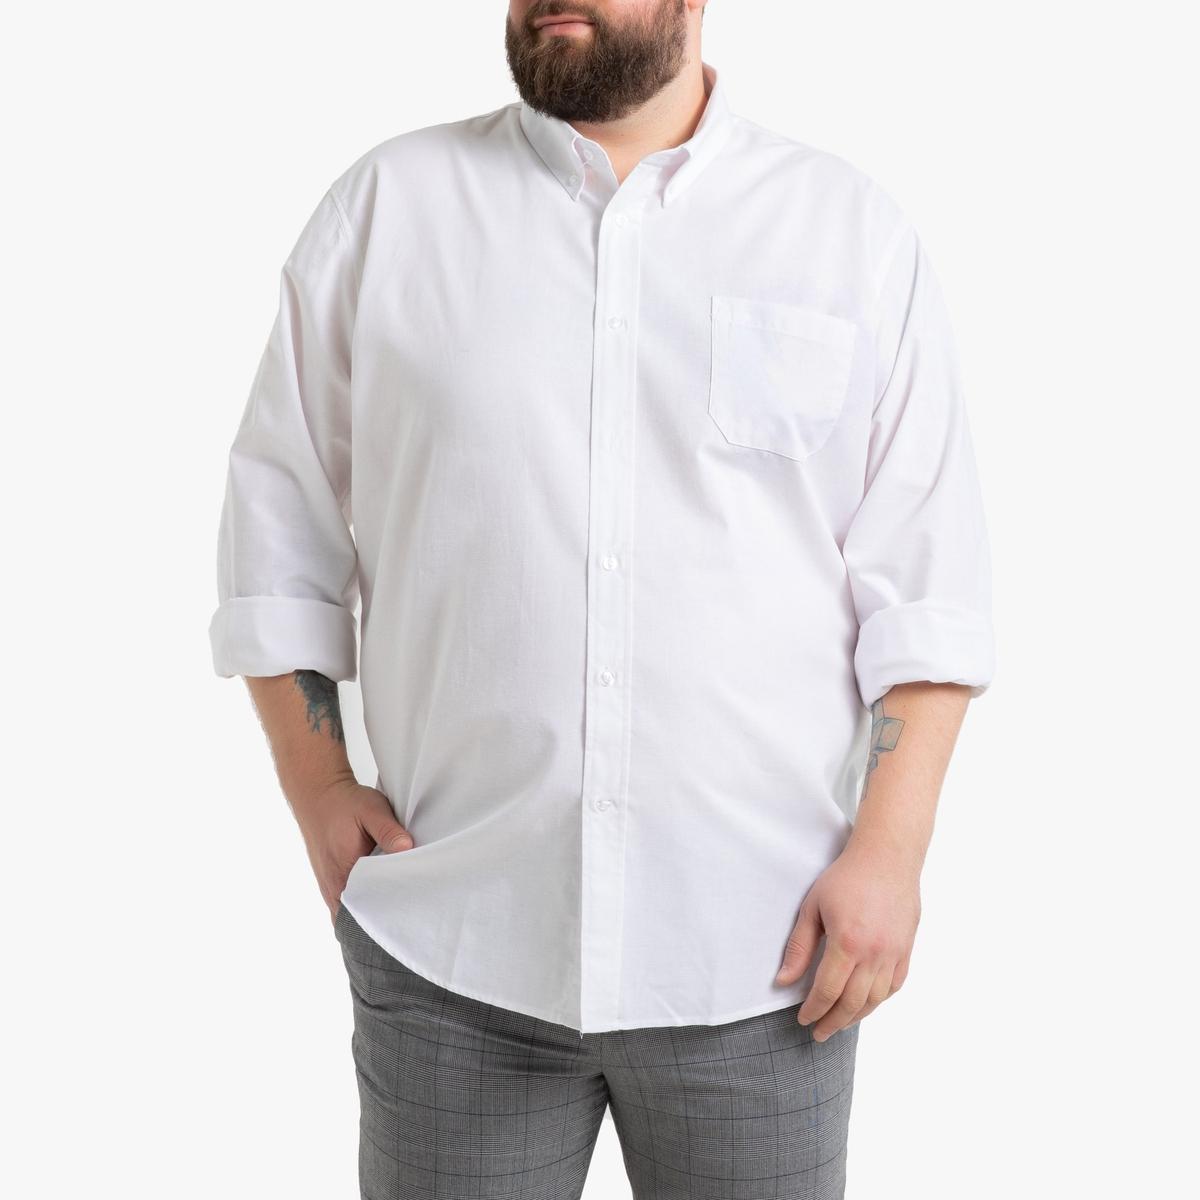 Фото - Рубашка LaRedoute Прямого покроя с длинными рукавами 53/54 серый юбка laredoute джинсовая прямого покроя xs синий